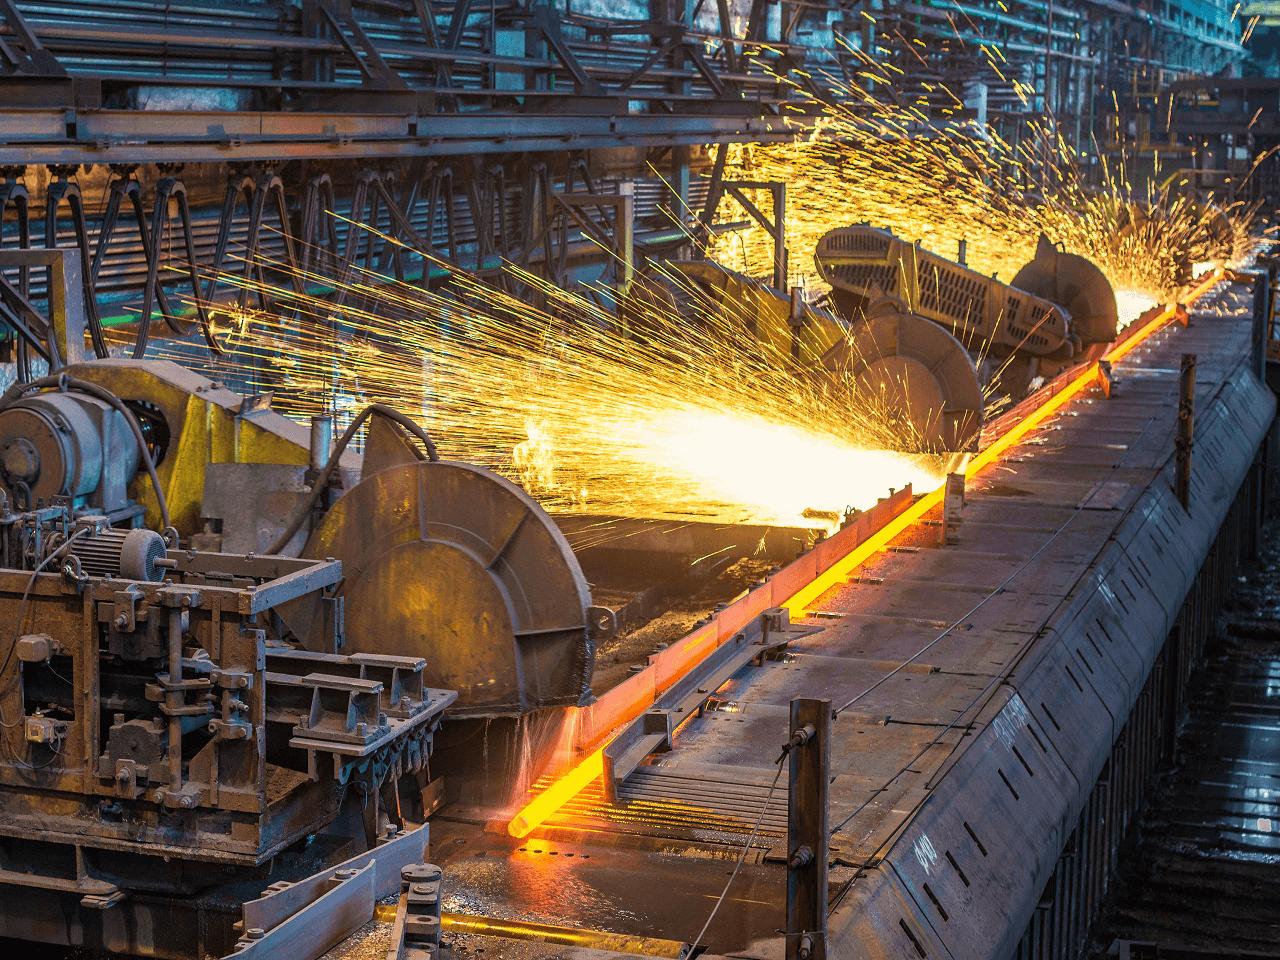 Türk Demir-Çelik Sektörü Çin'den Boşalan Pazarlarda Öne Çıkmayı Hedefliyor